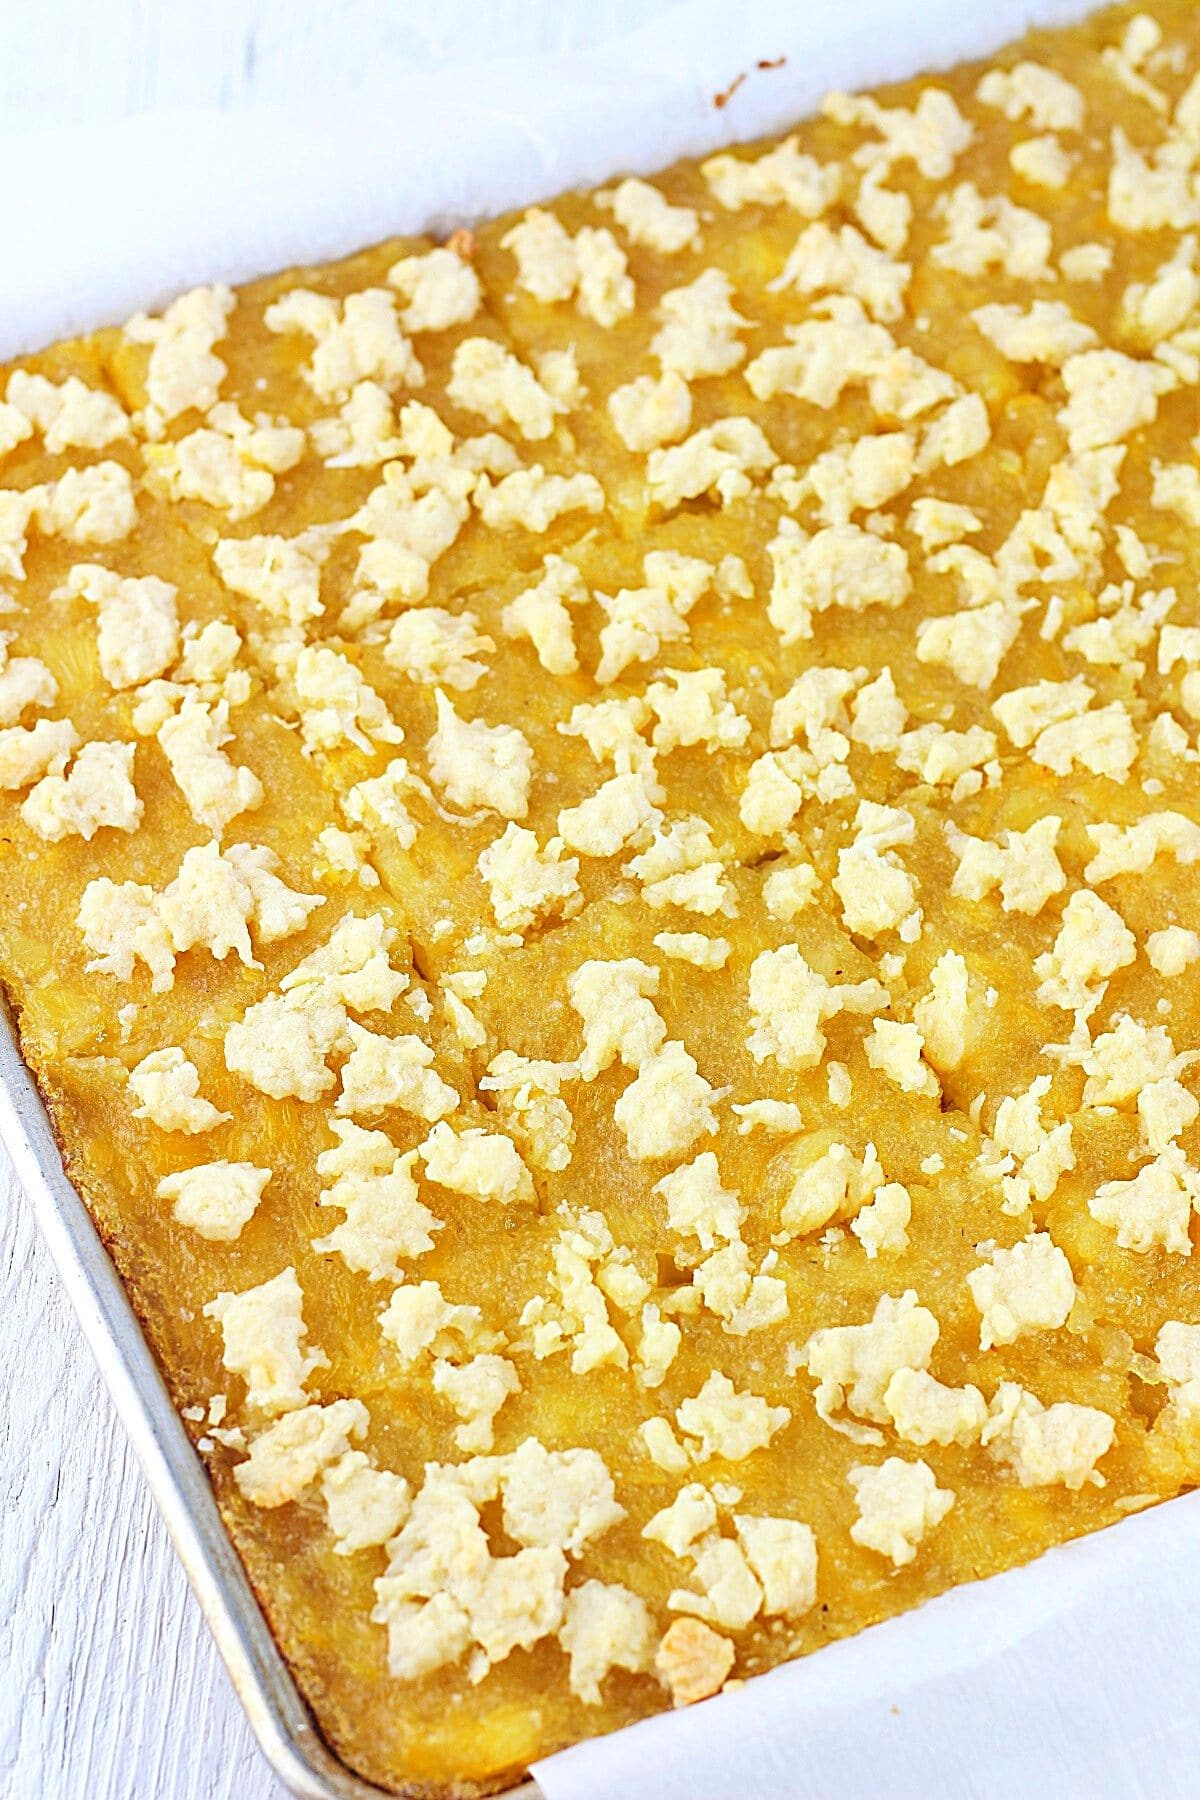 baking pan of pineapple squares